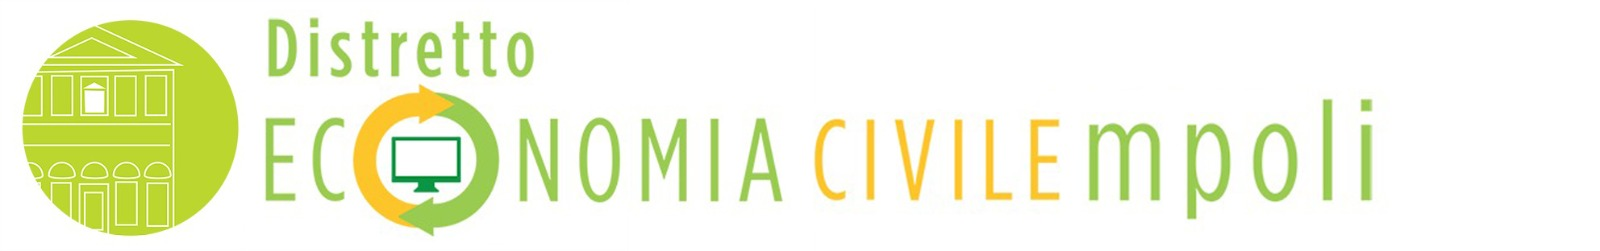 distretto_economia_civile